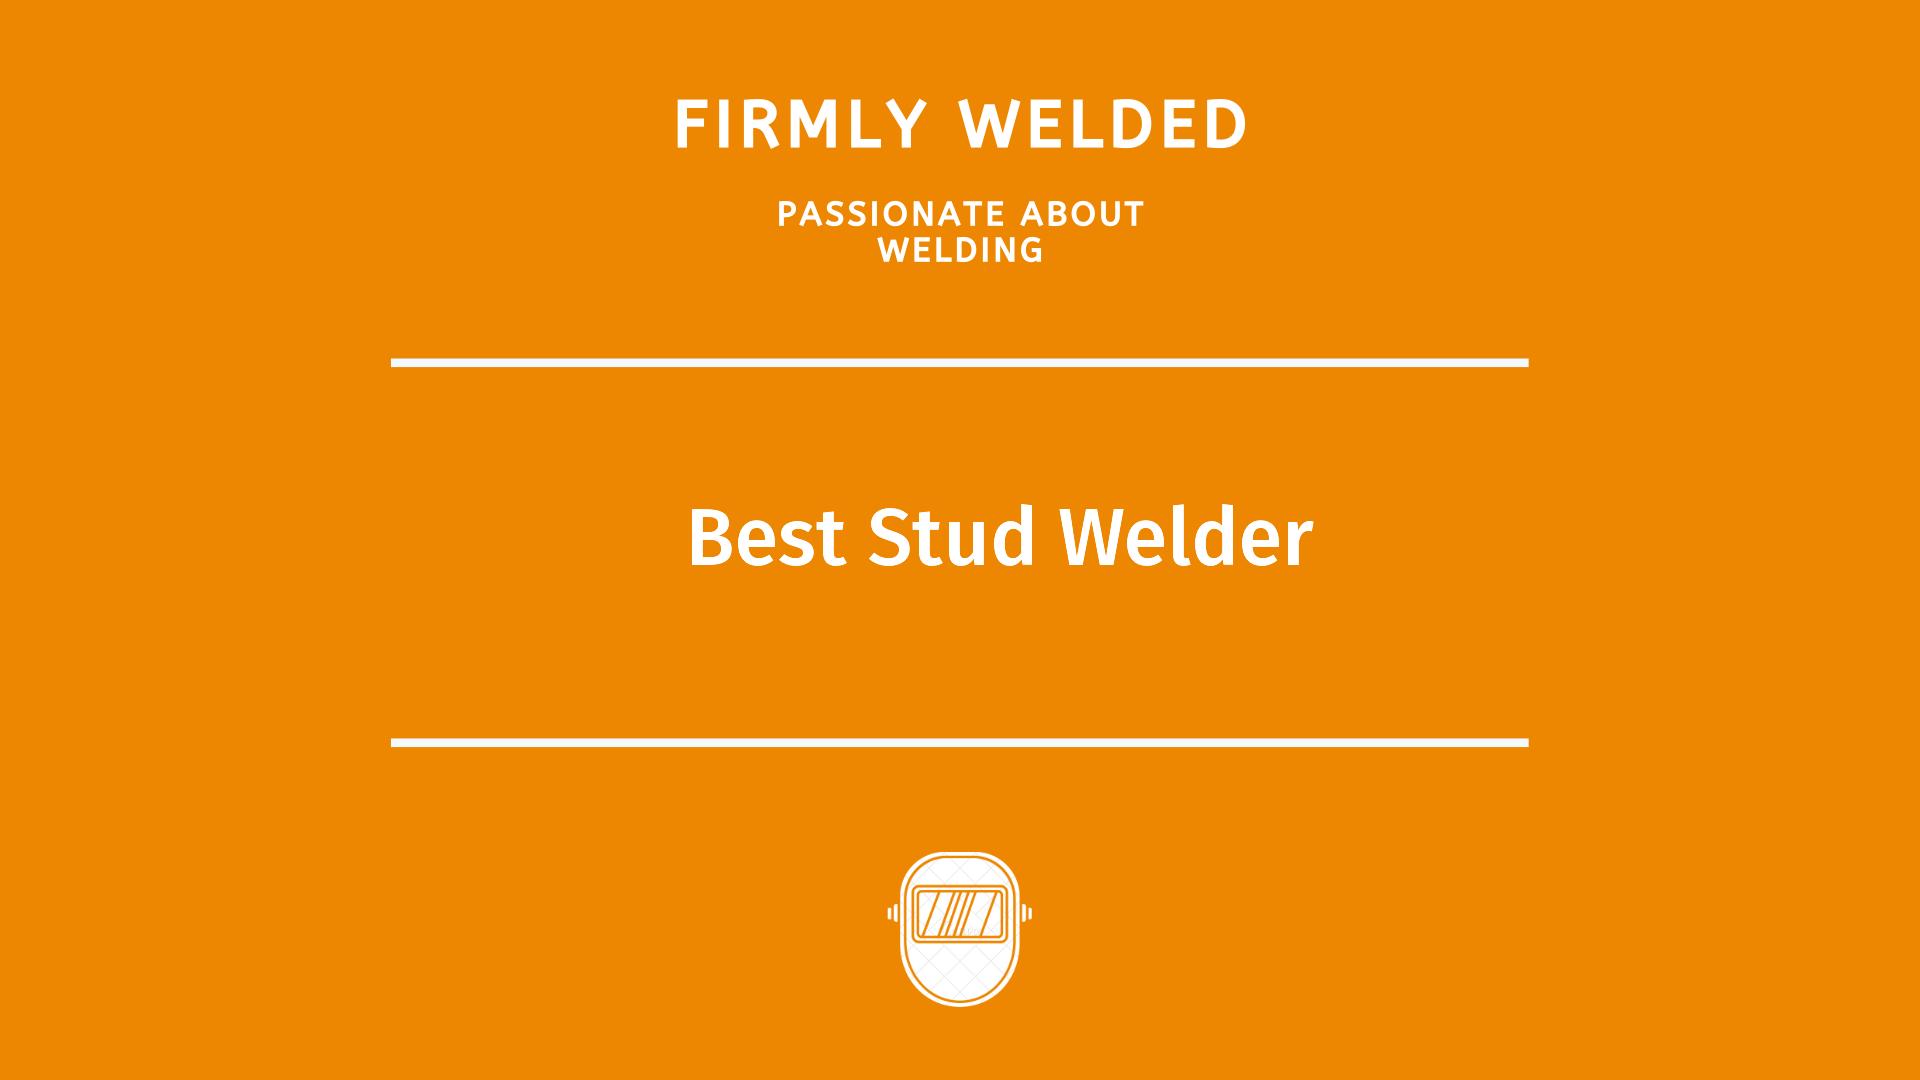 Best Stud Welder